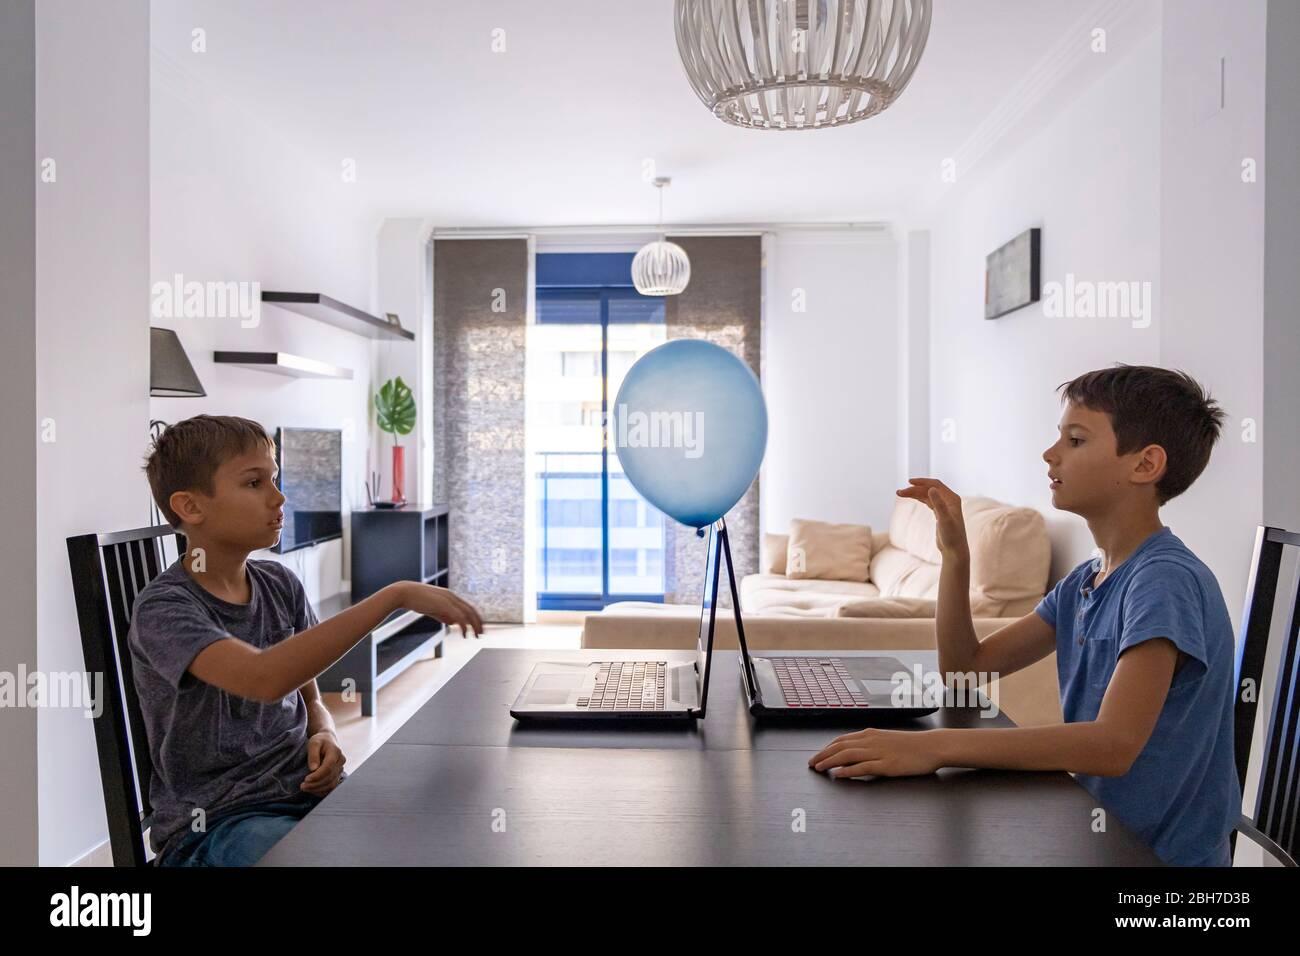 Kinder lernen mit Laptop-Computer und spielen mit Ballon zu Hause. Technologie, Bildung, Online-Fernunterricht für Kinder Stockfoto